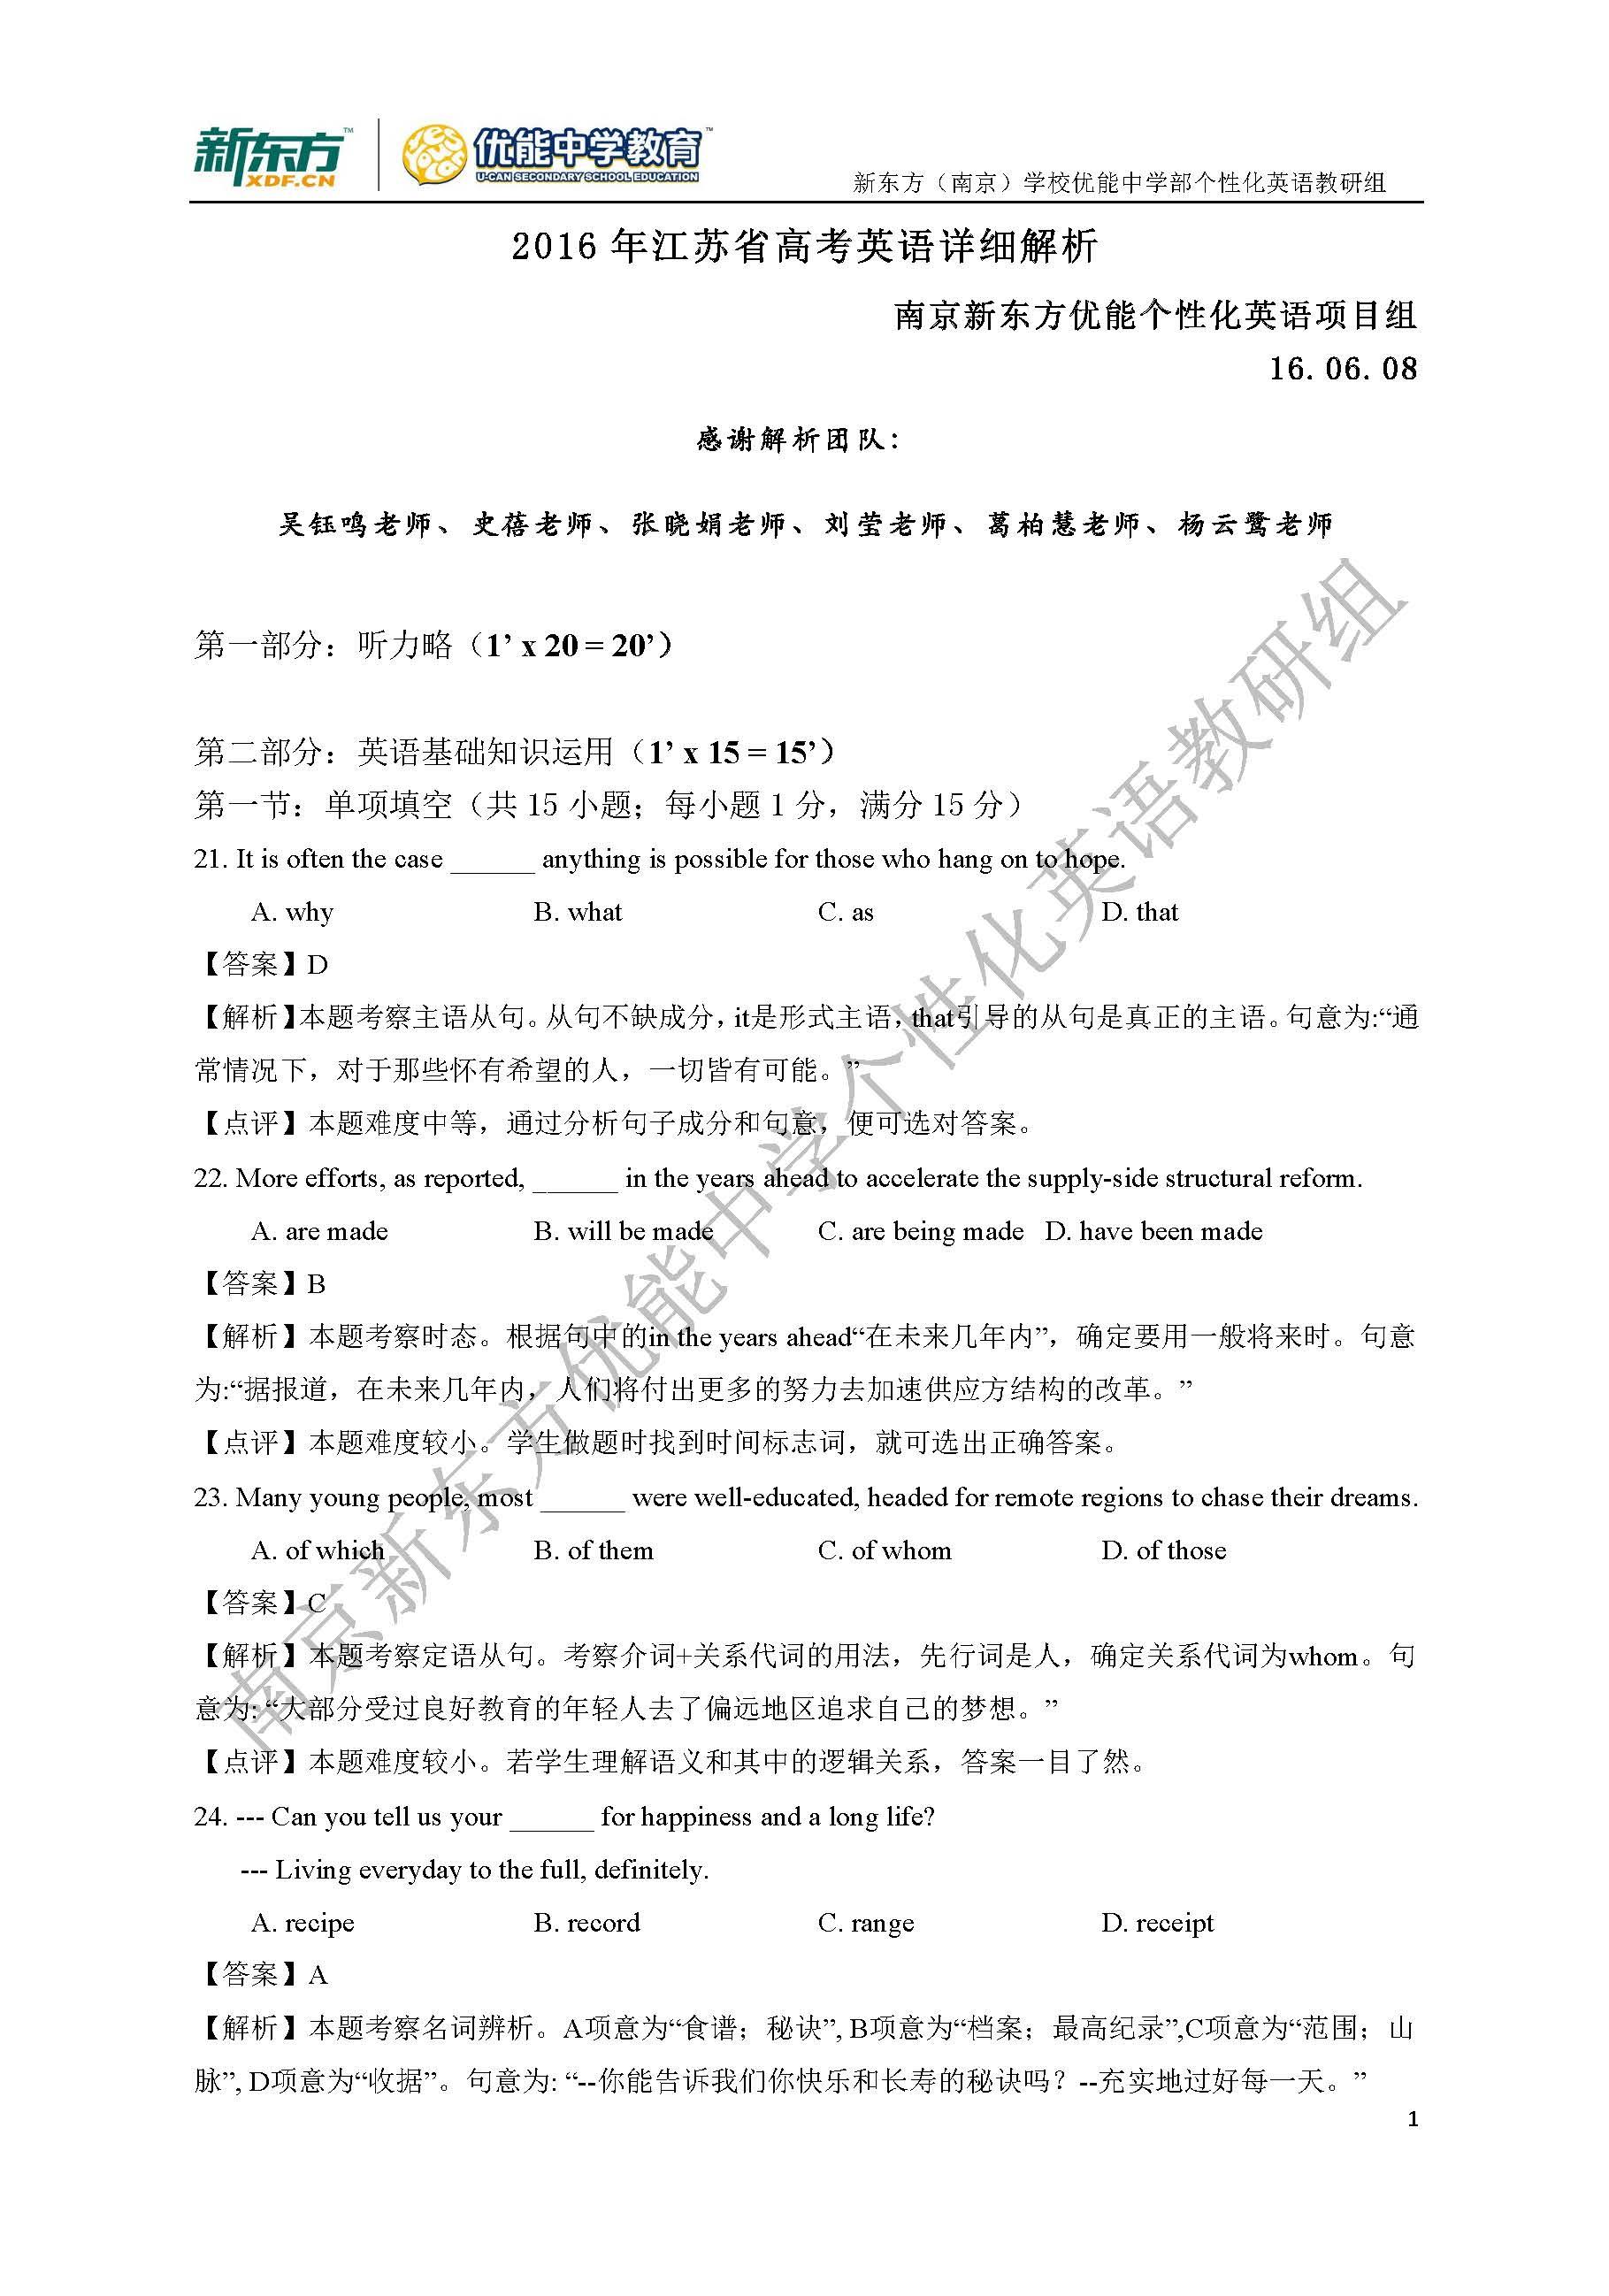 2016江苏高考英语试题及答案解析(新东方版)